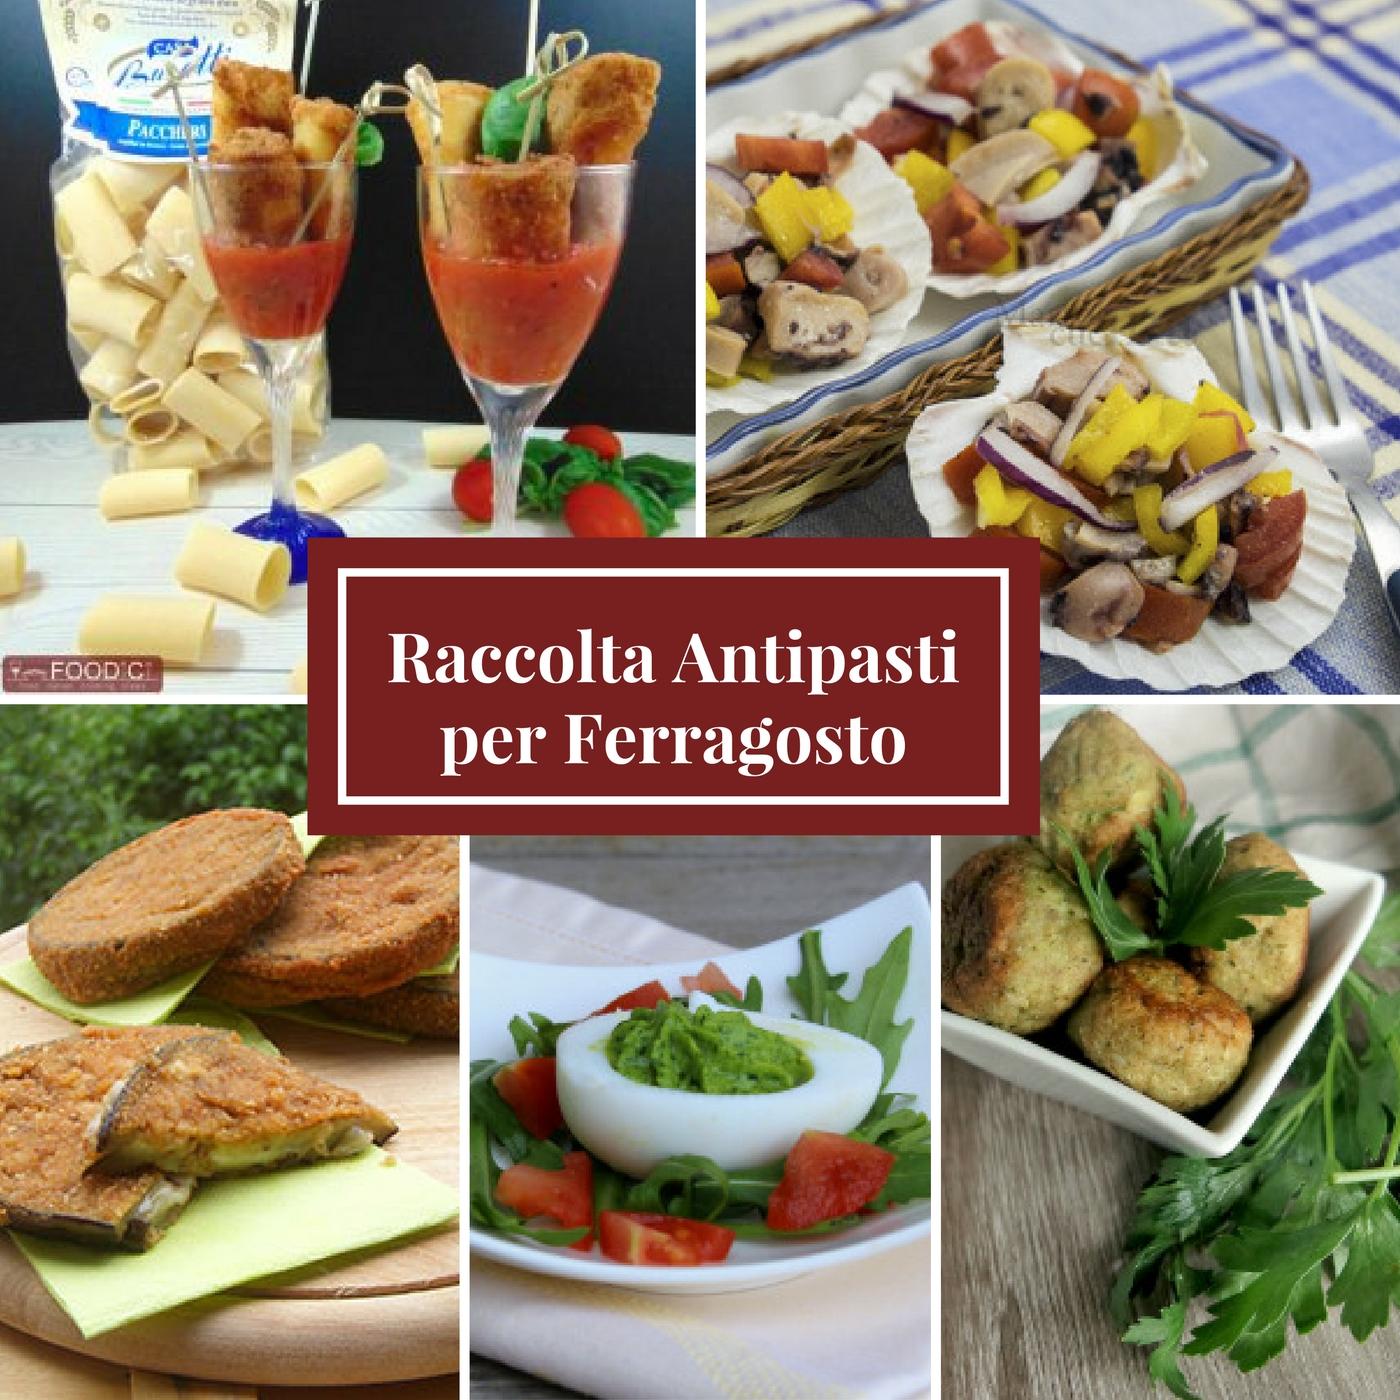 Raccolta ricette antipasti per ferragosto food italian for Antipasti ricette italiane